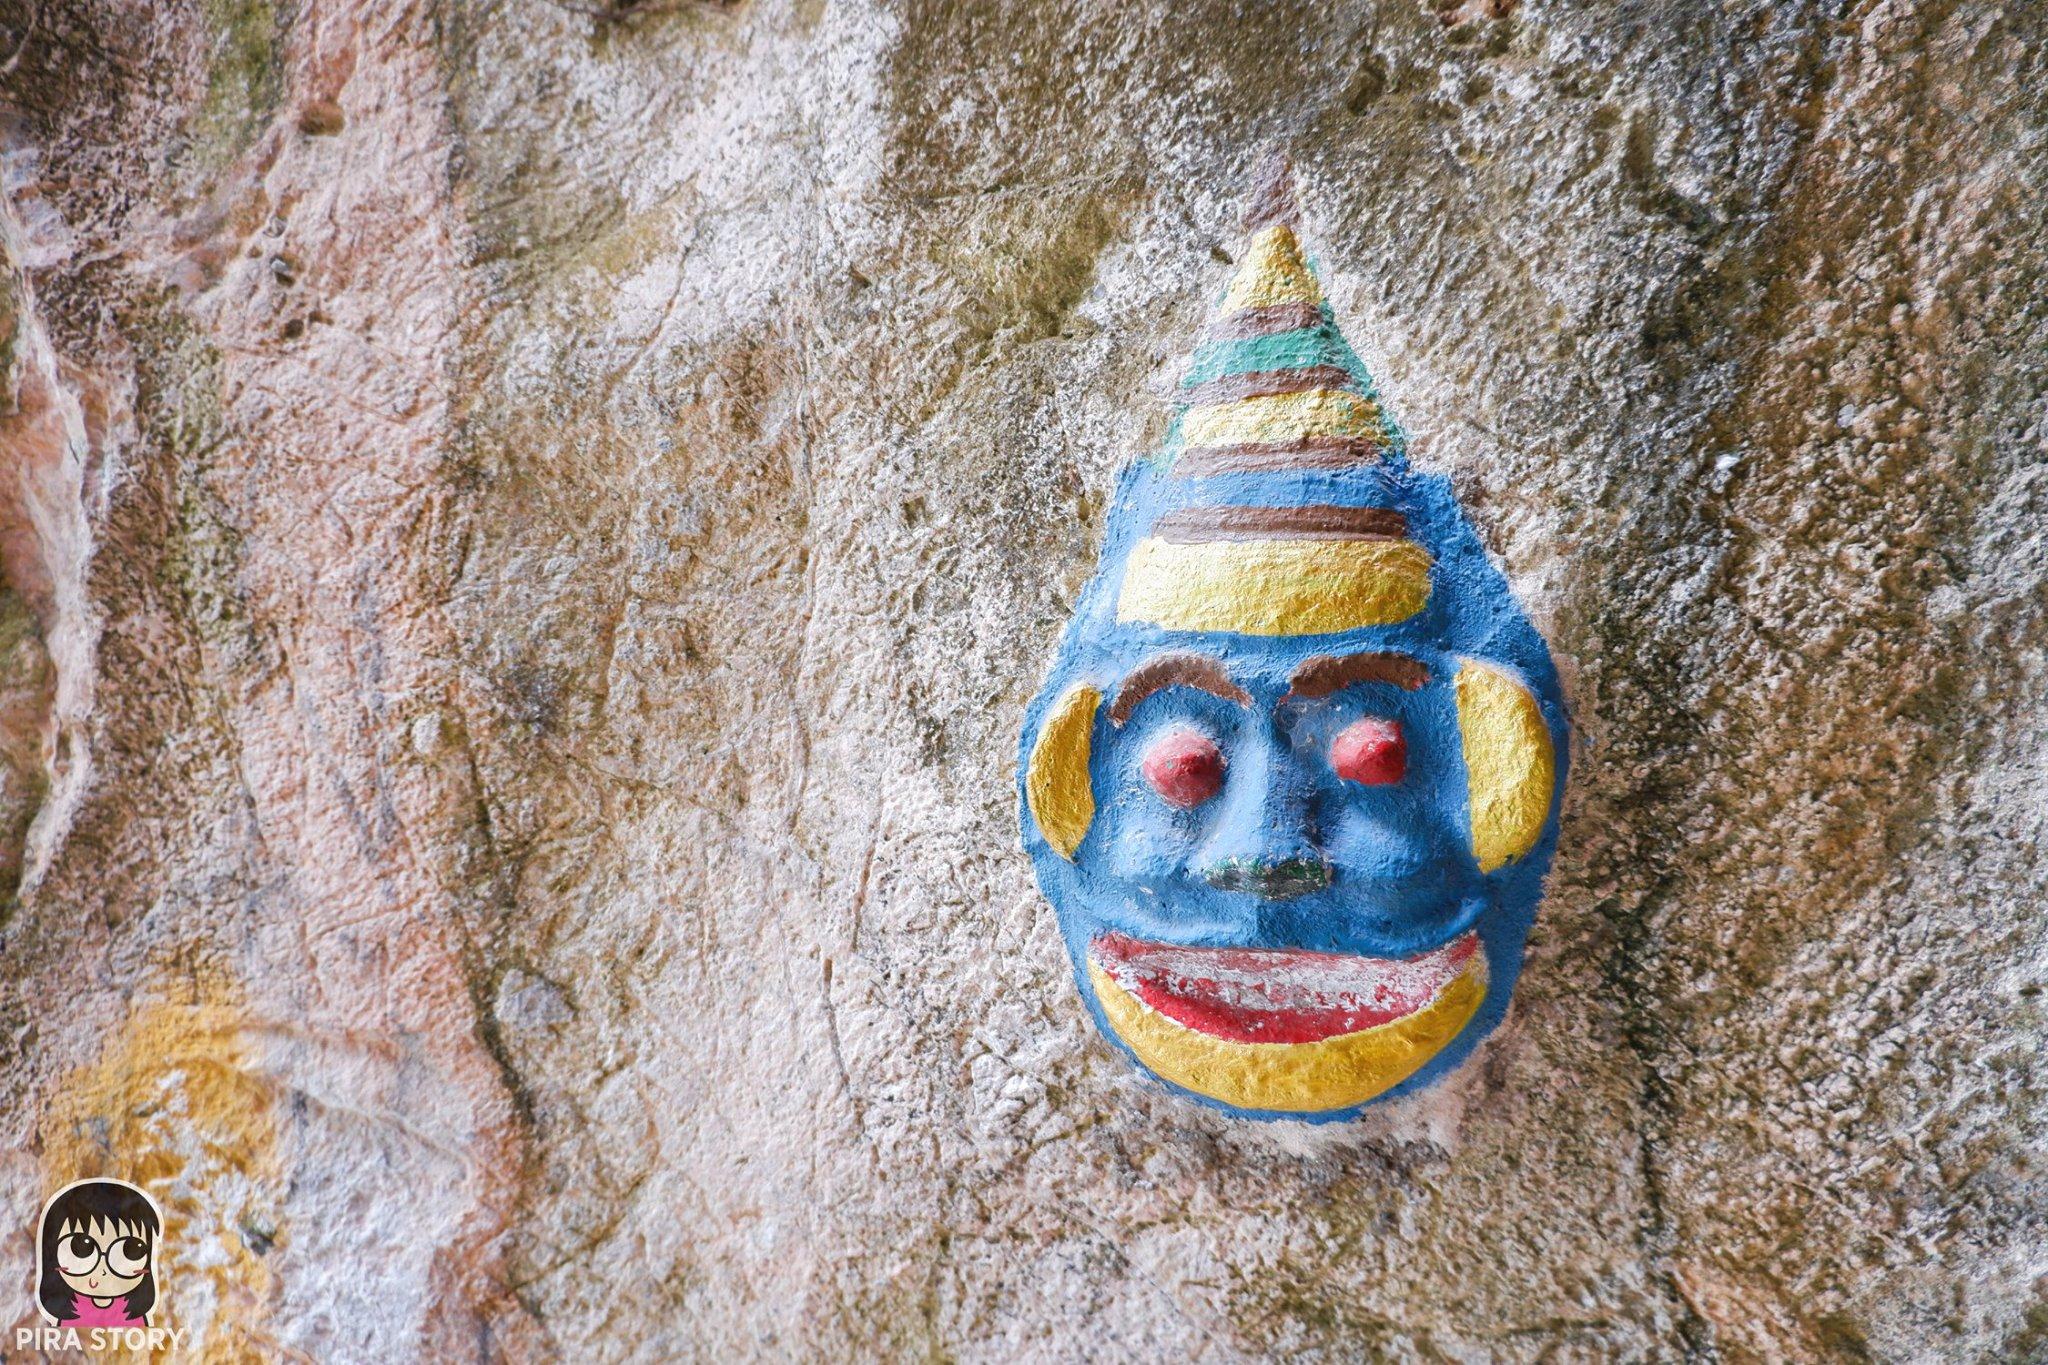 ปูนปั้น เทวดา ยักษ์ เทพเจ้า ถ้ำโบสถ์โบราณ อยุธยา พระนเรศวร ชะอำ เพชรบุรี